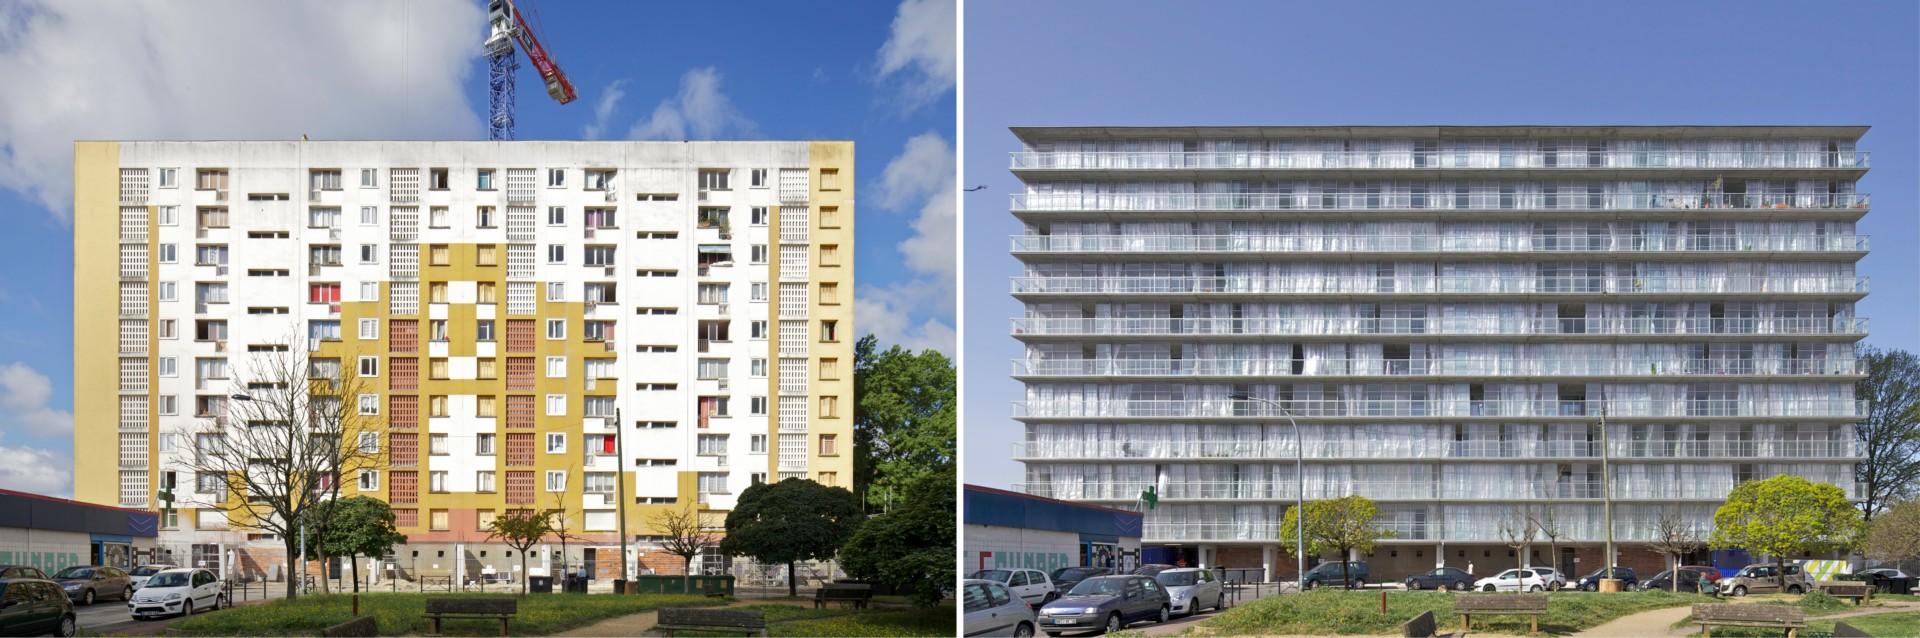 Lacaton & Vassal architectes